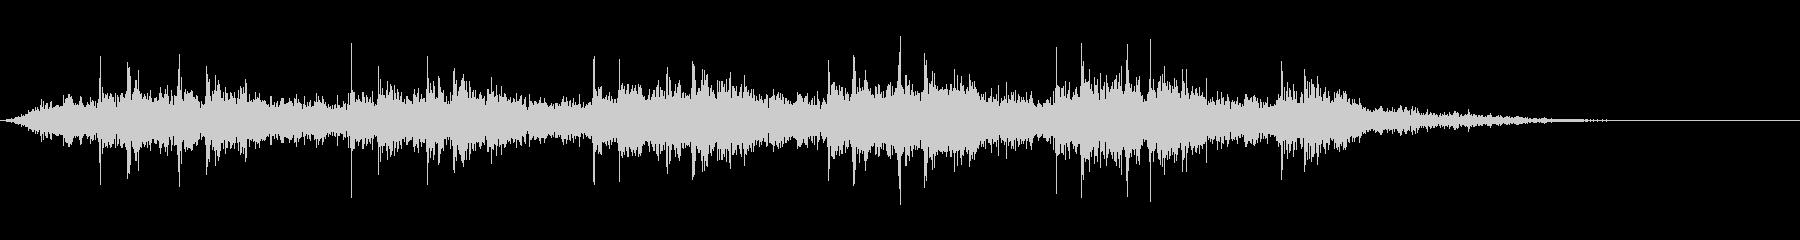 【生録音】 早朝の街 電車 環境音 22の未再生の波形